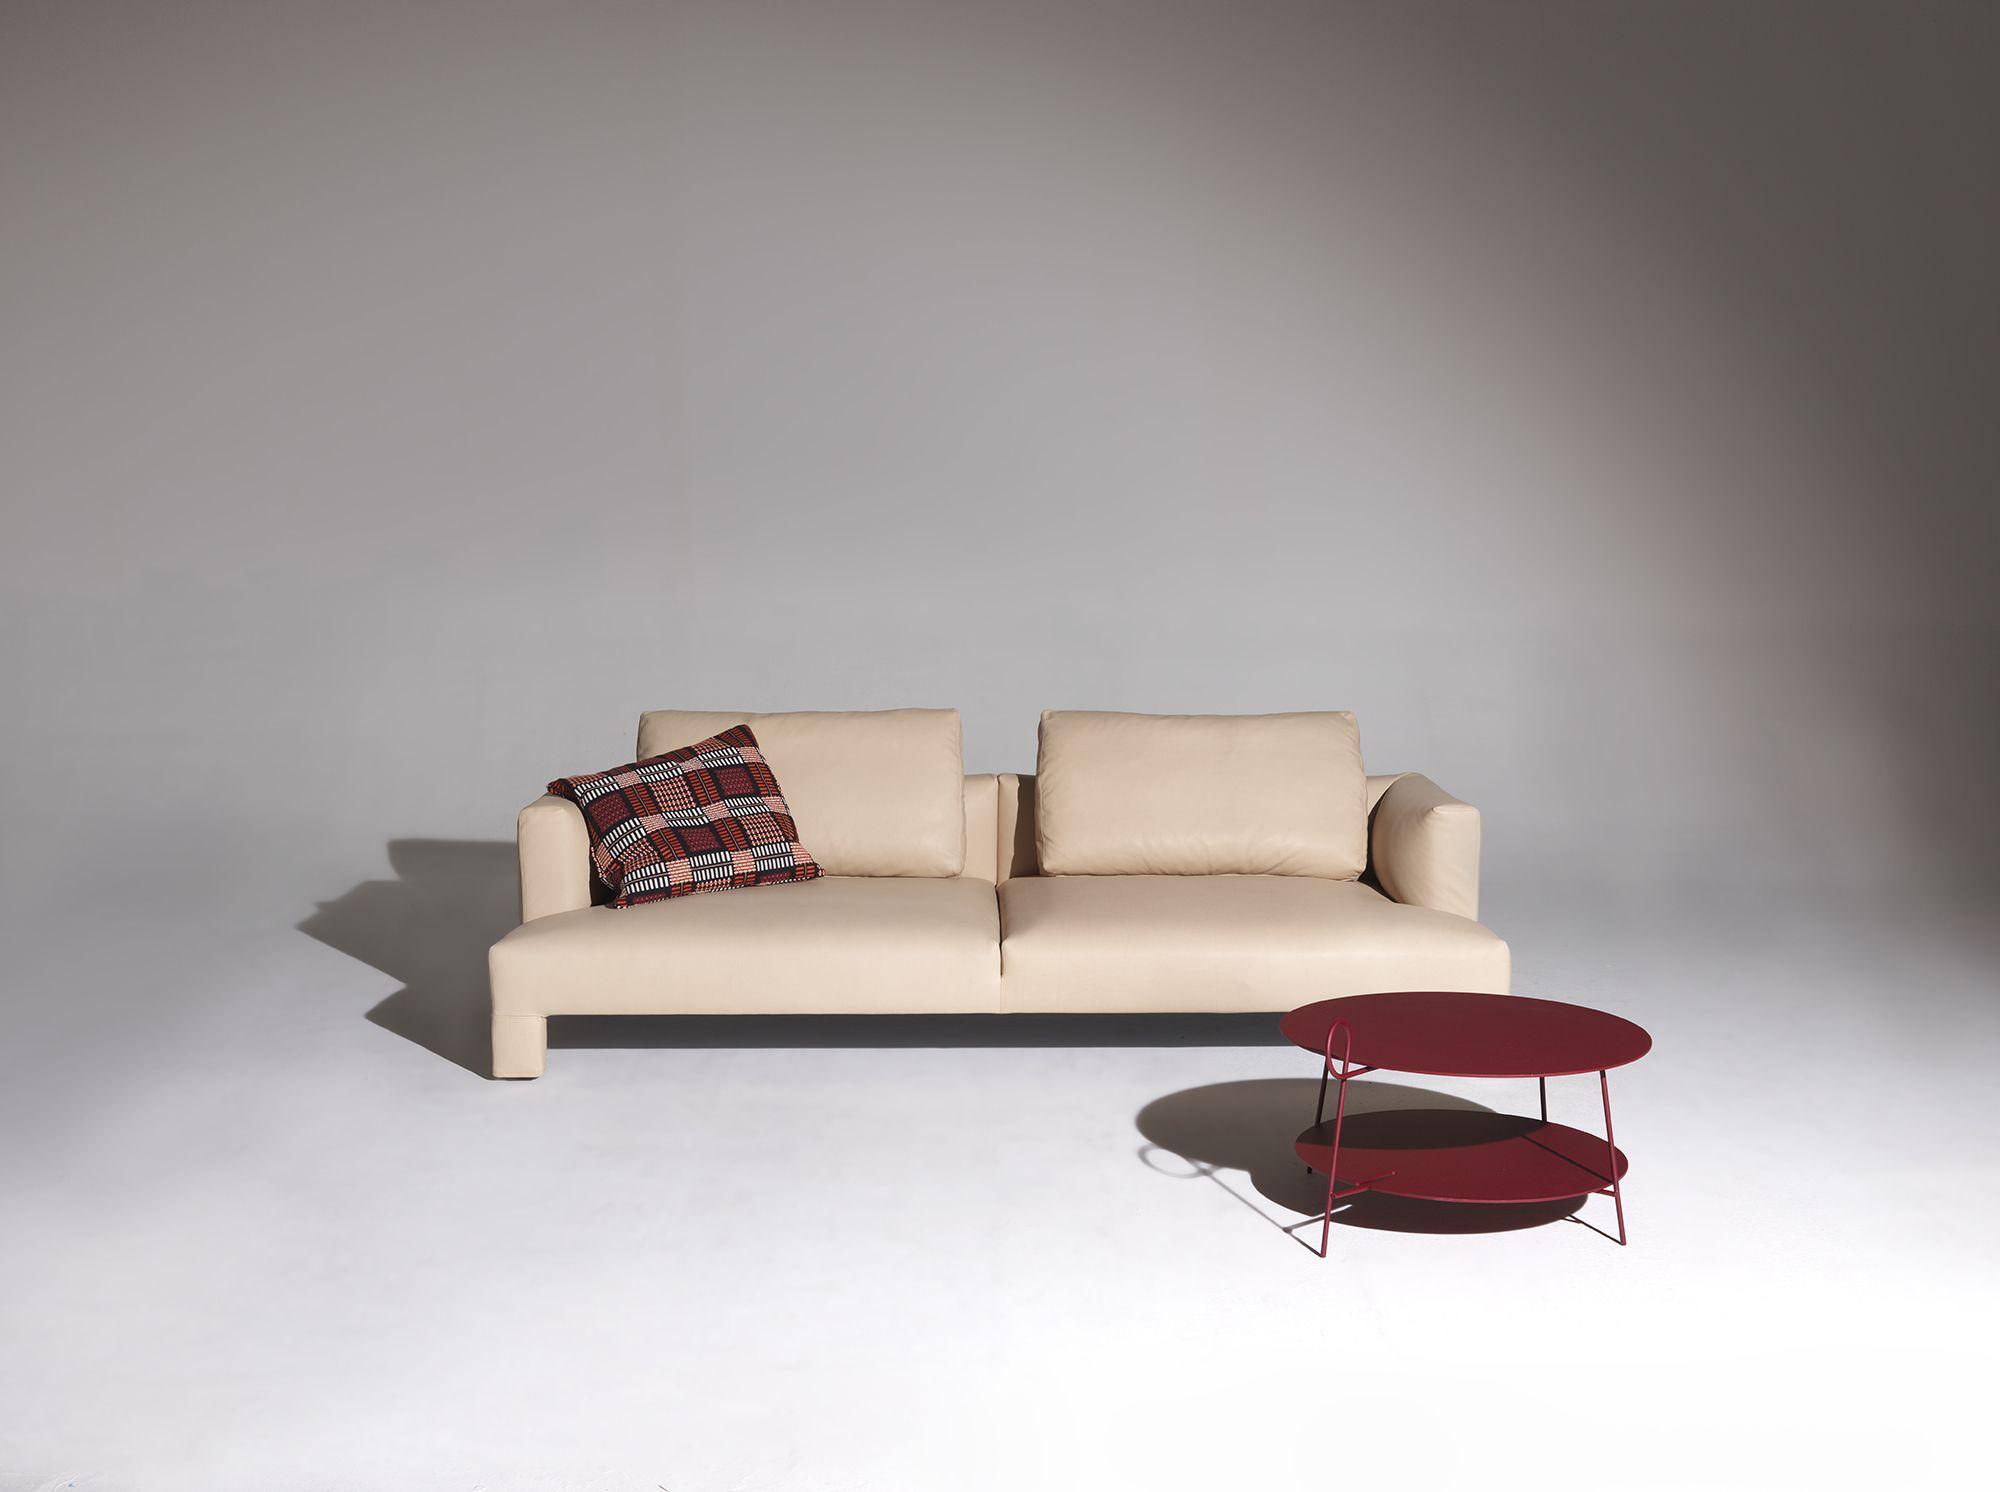 Driade Mobili ~ Mod sofa driade design by ludovica roberto palomba salone